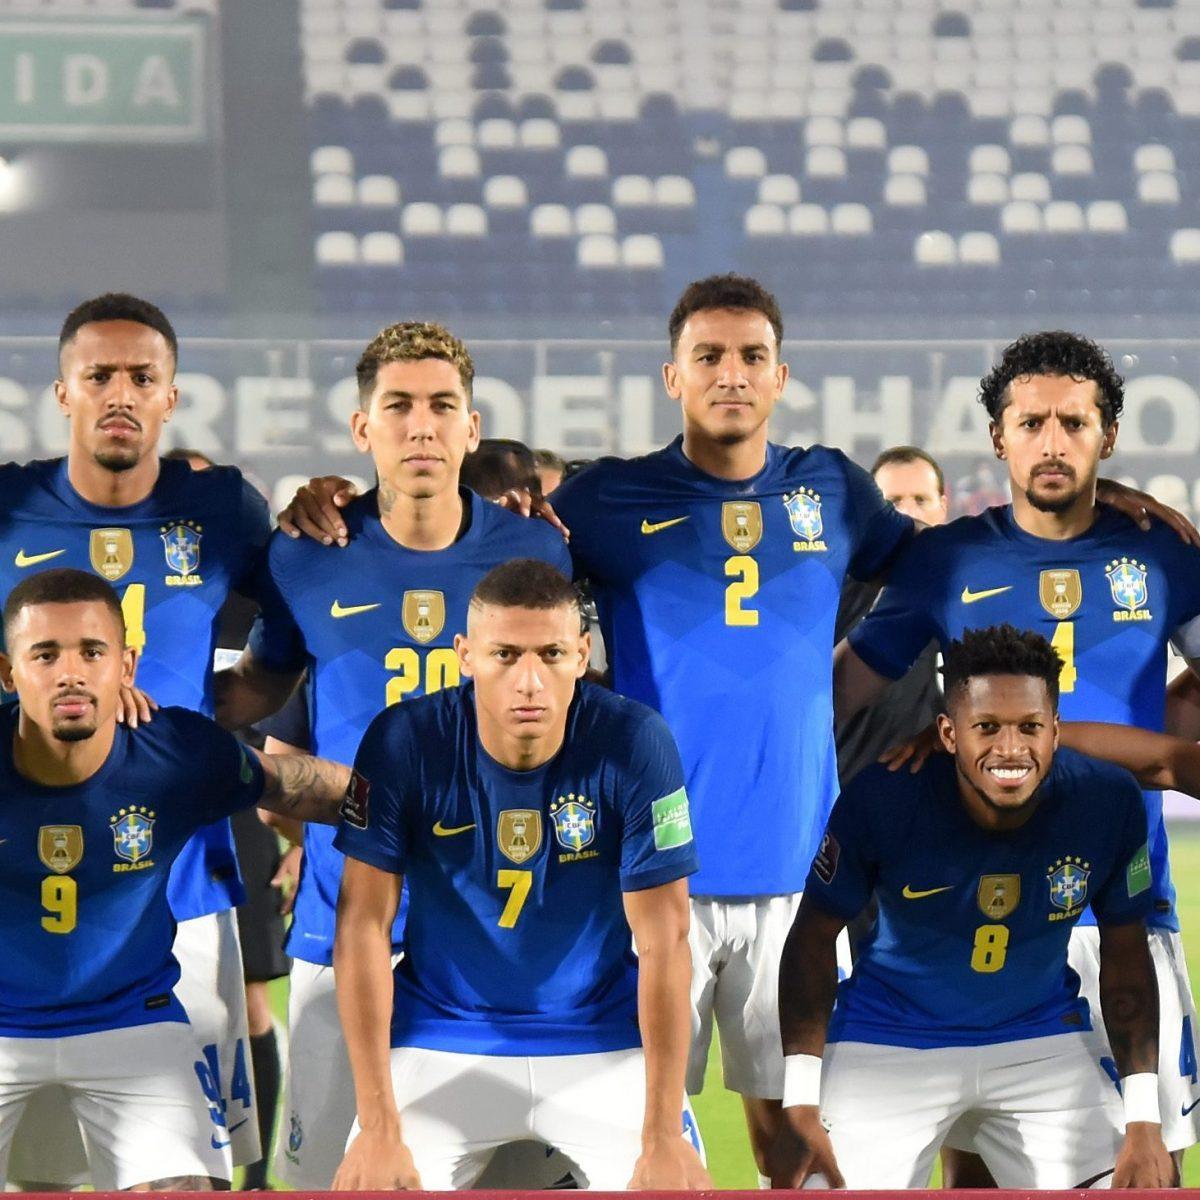 Le parole dure Brasile sulla Copa America: Contro organizzazione ...